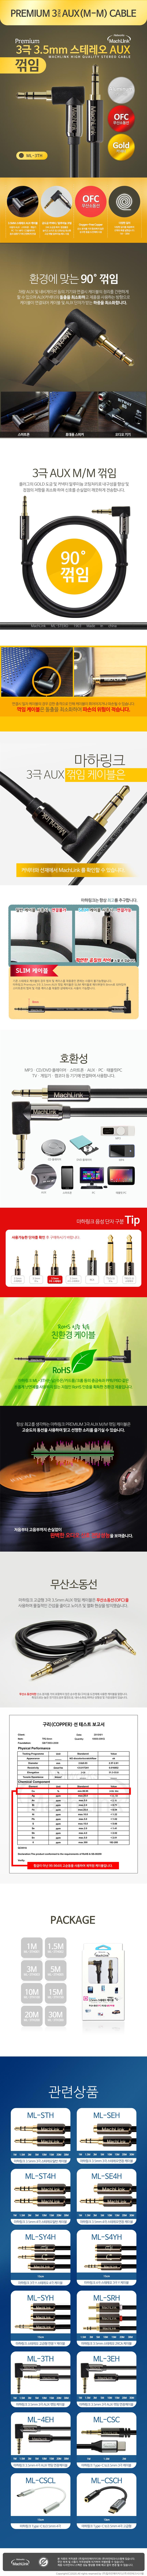 마하링크 3.5mm 3극 스테레오 AUX 꺾임 케이블 (ML-3TH005, 5m)